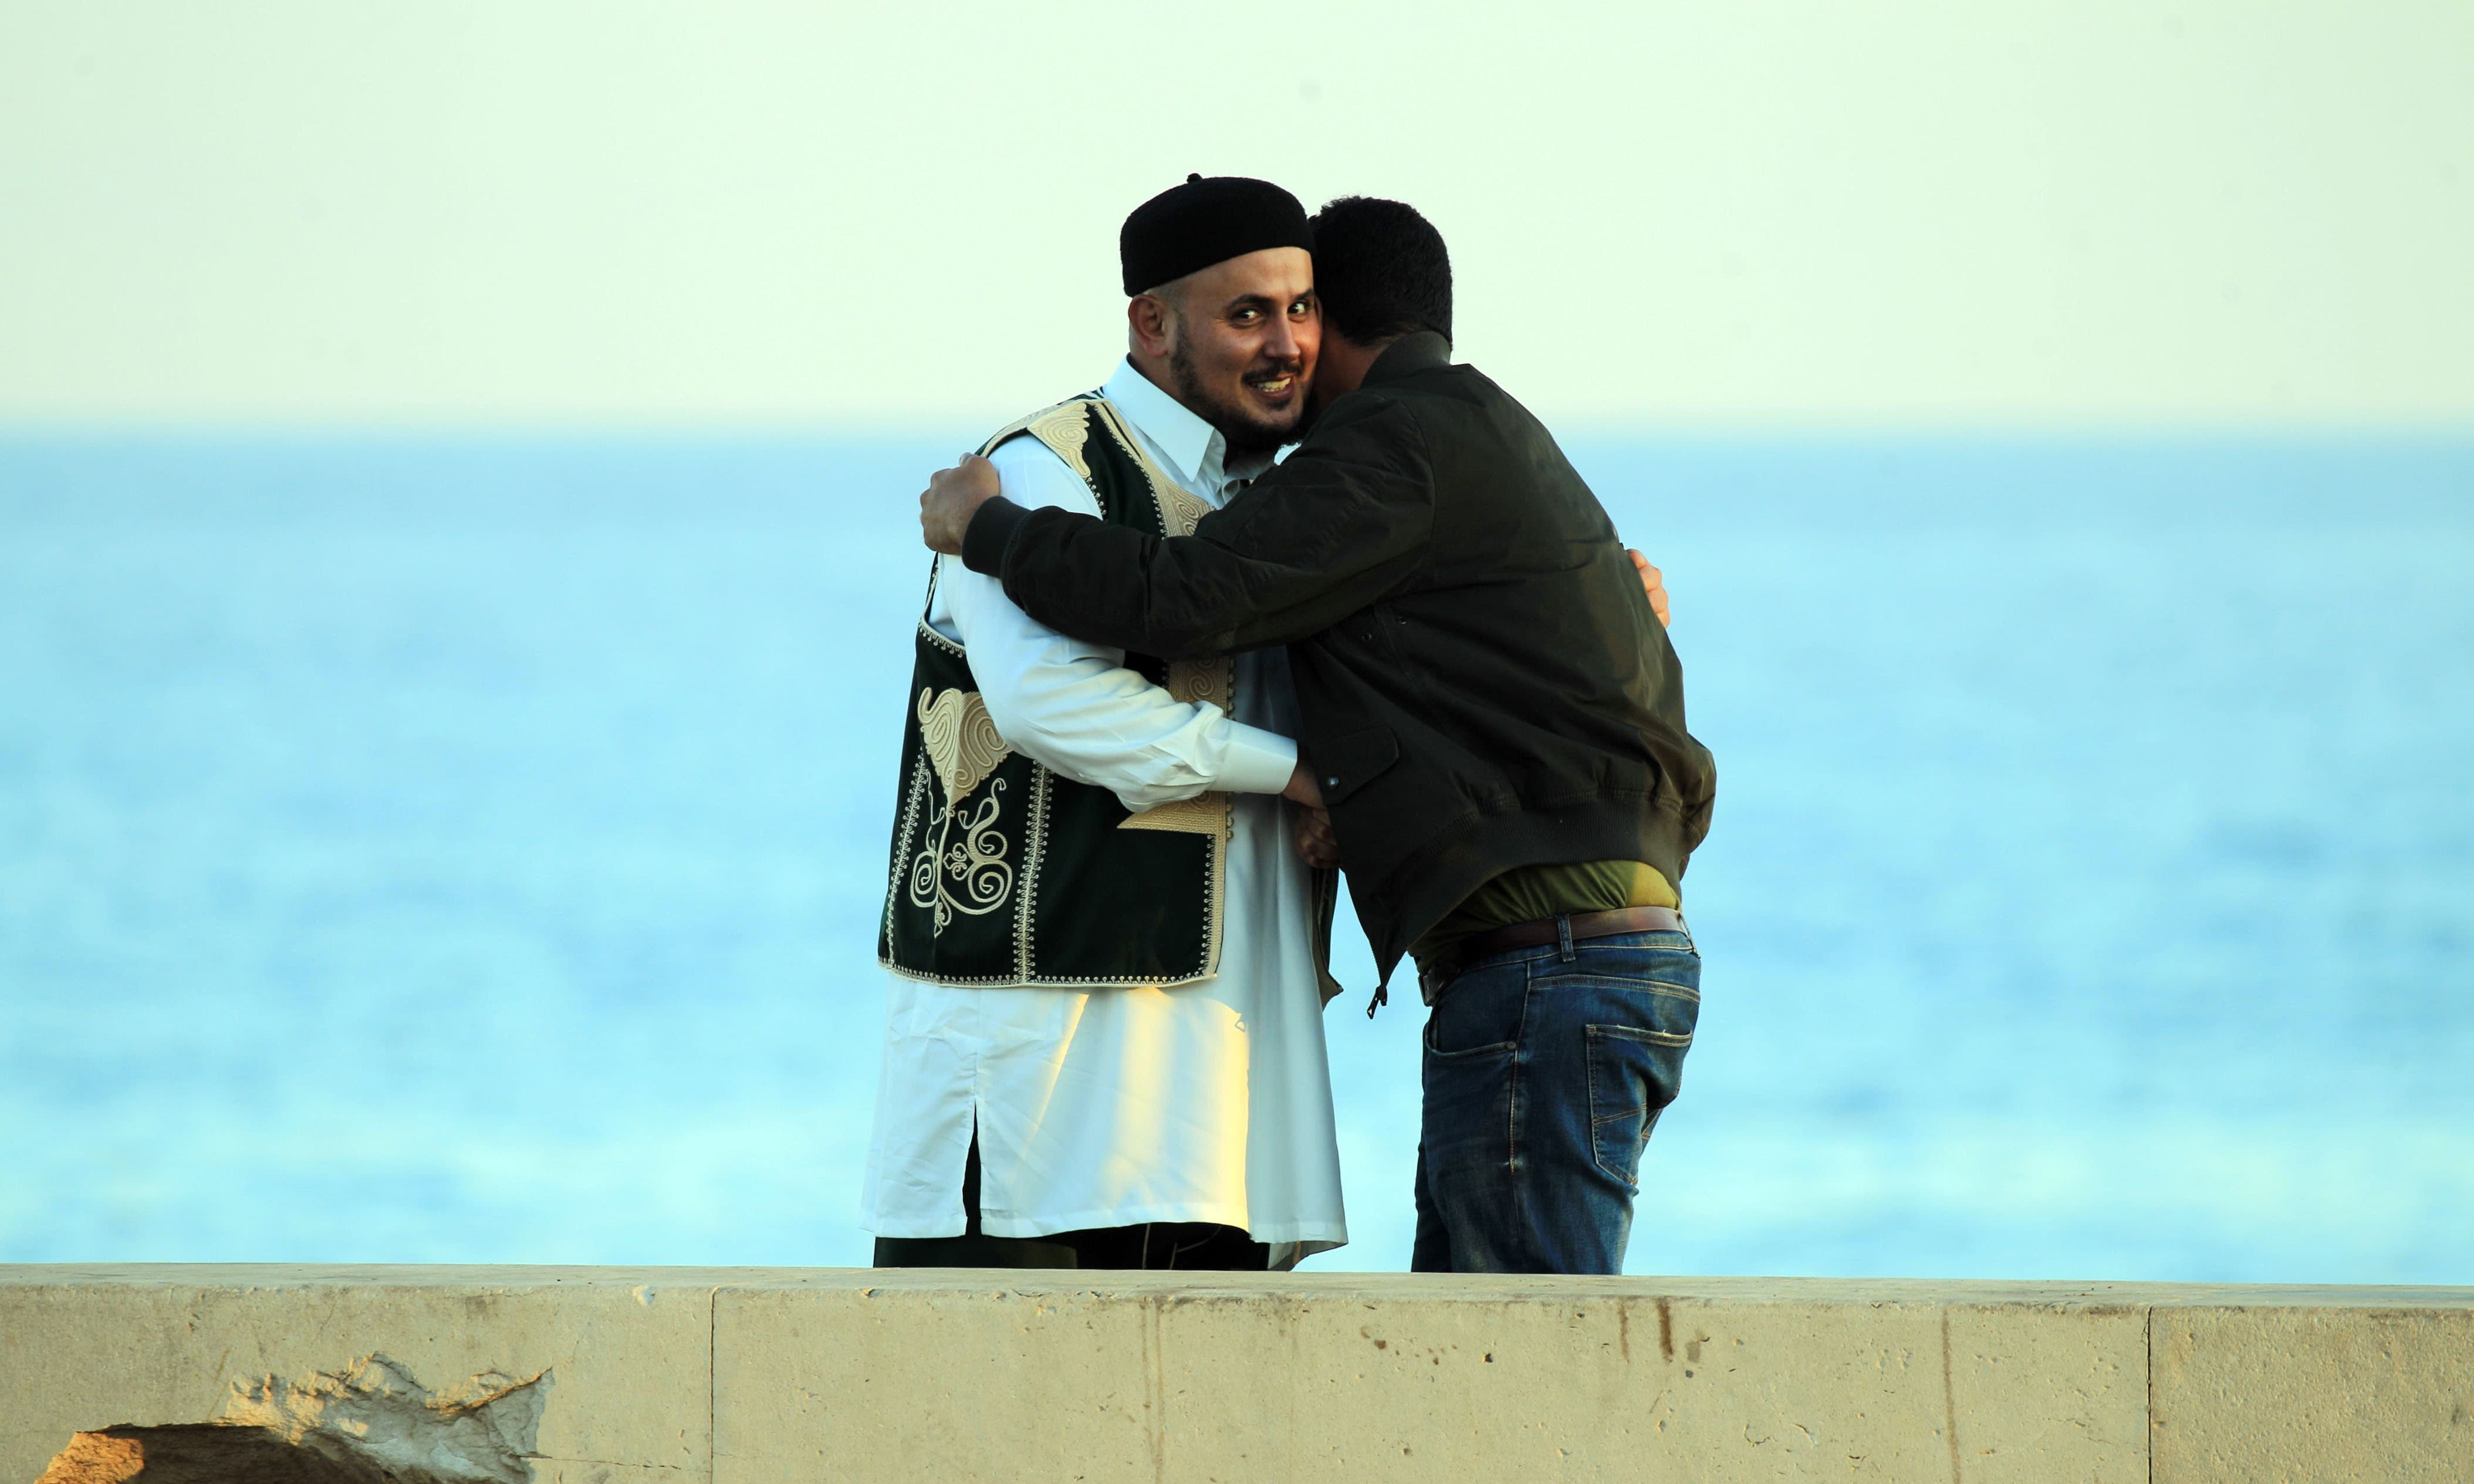 لیبیا میں مسلمانوں نے ایک دوسرے سے گلے مل کر عید کی مبارکباد دی — اے ایف پی